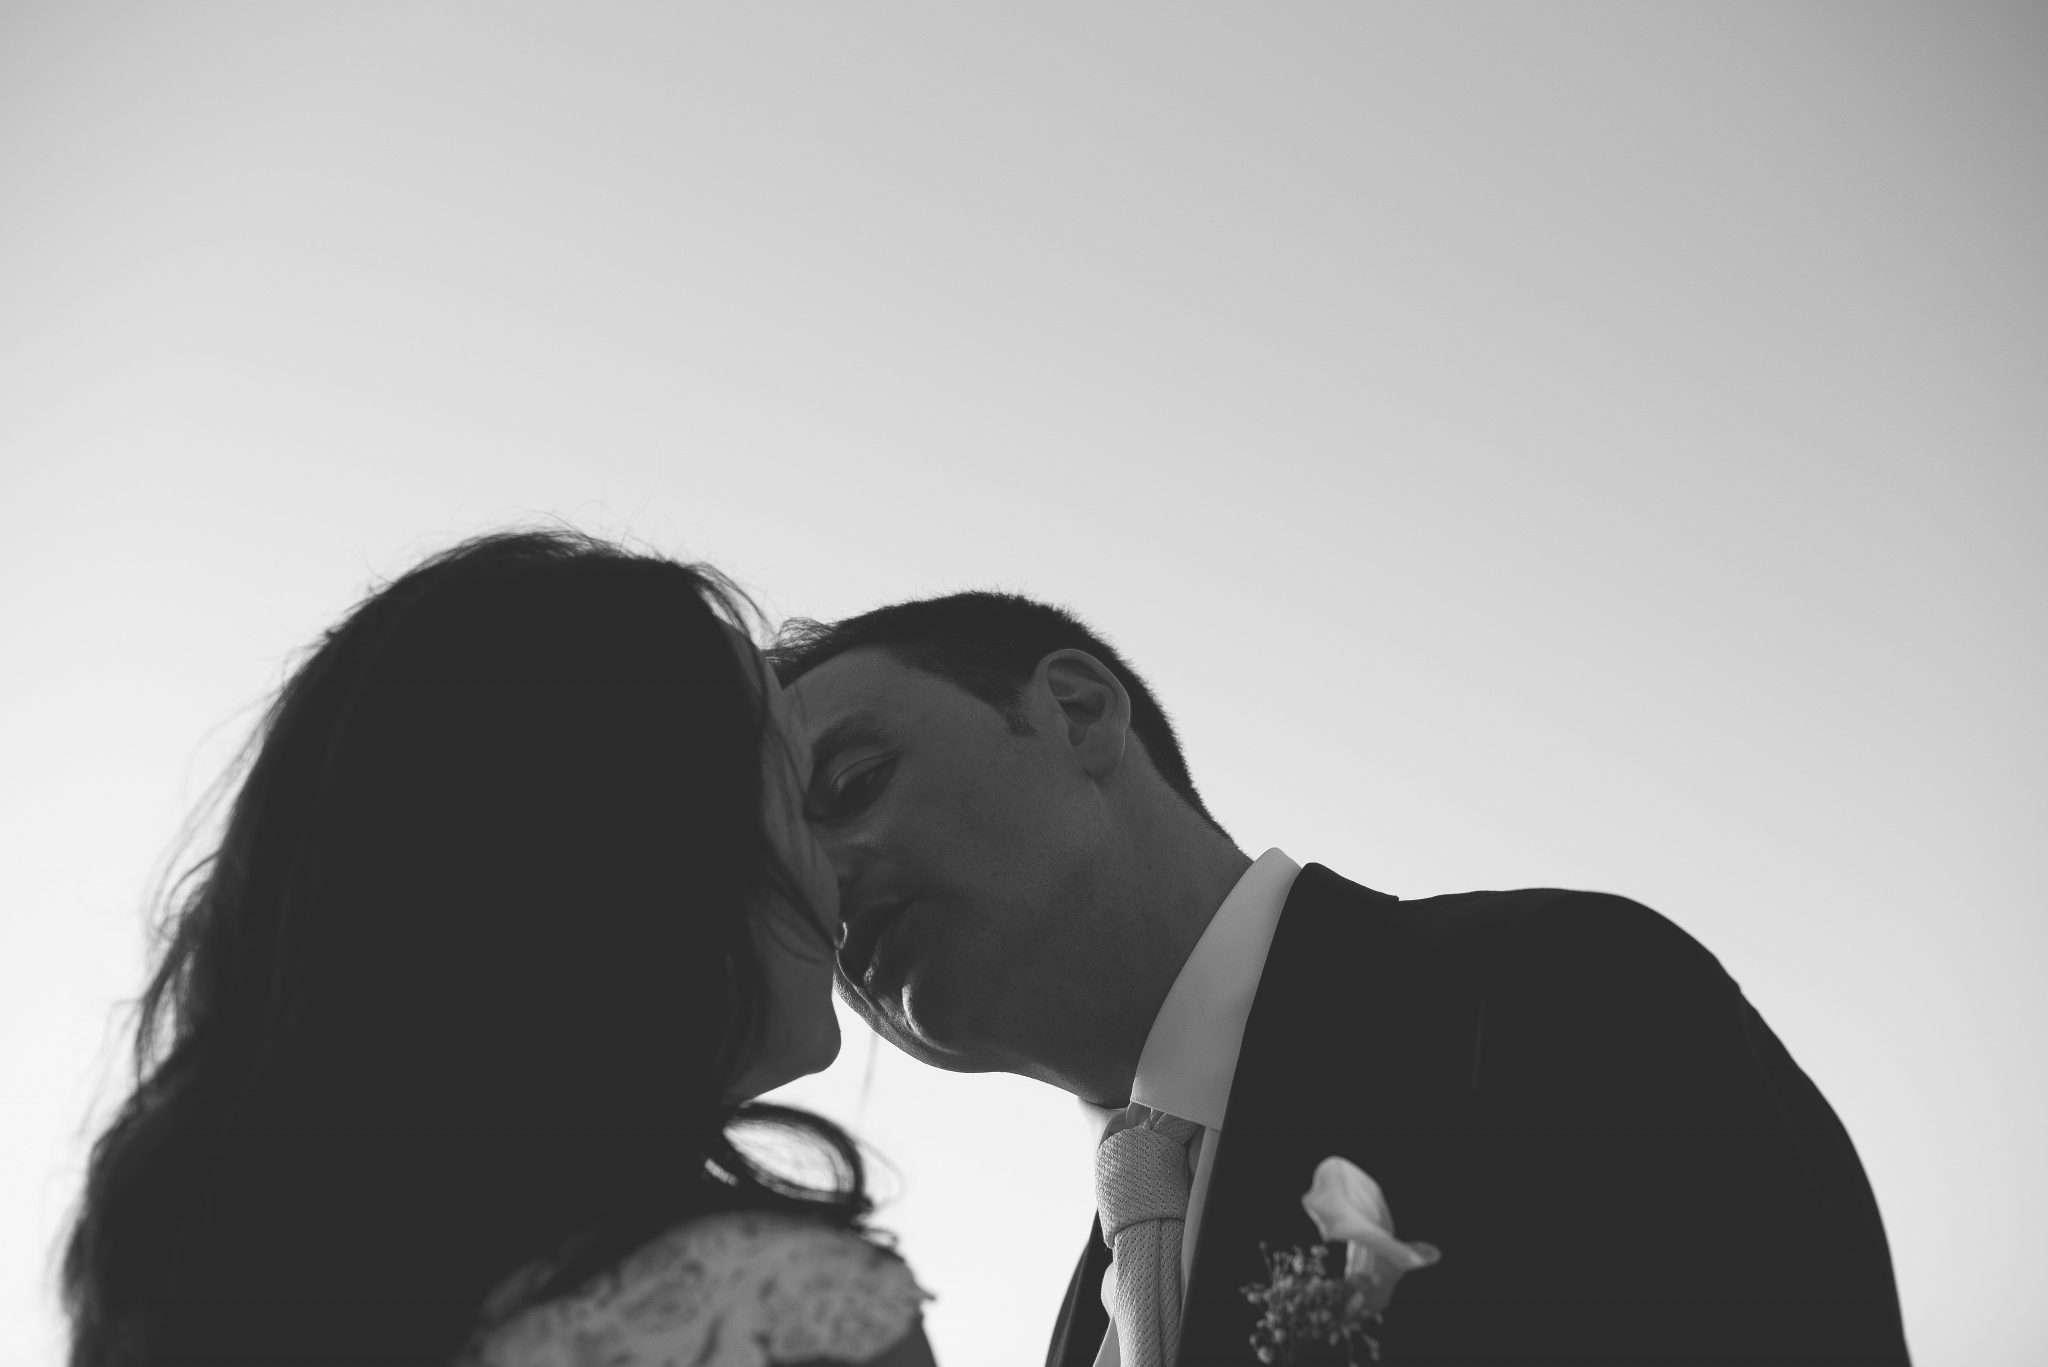 Fotografia di wedding Reportage di sposi innamorati che si baciano